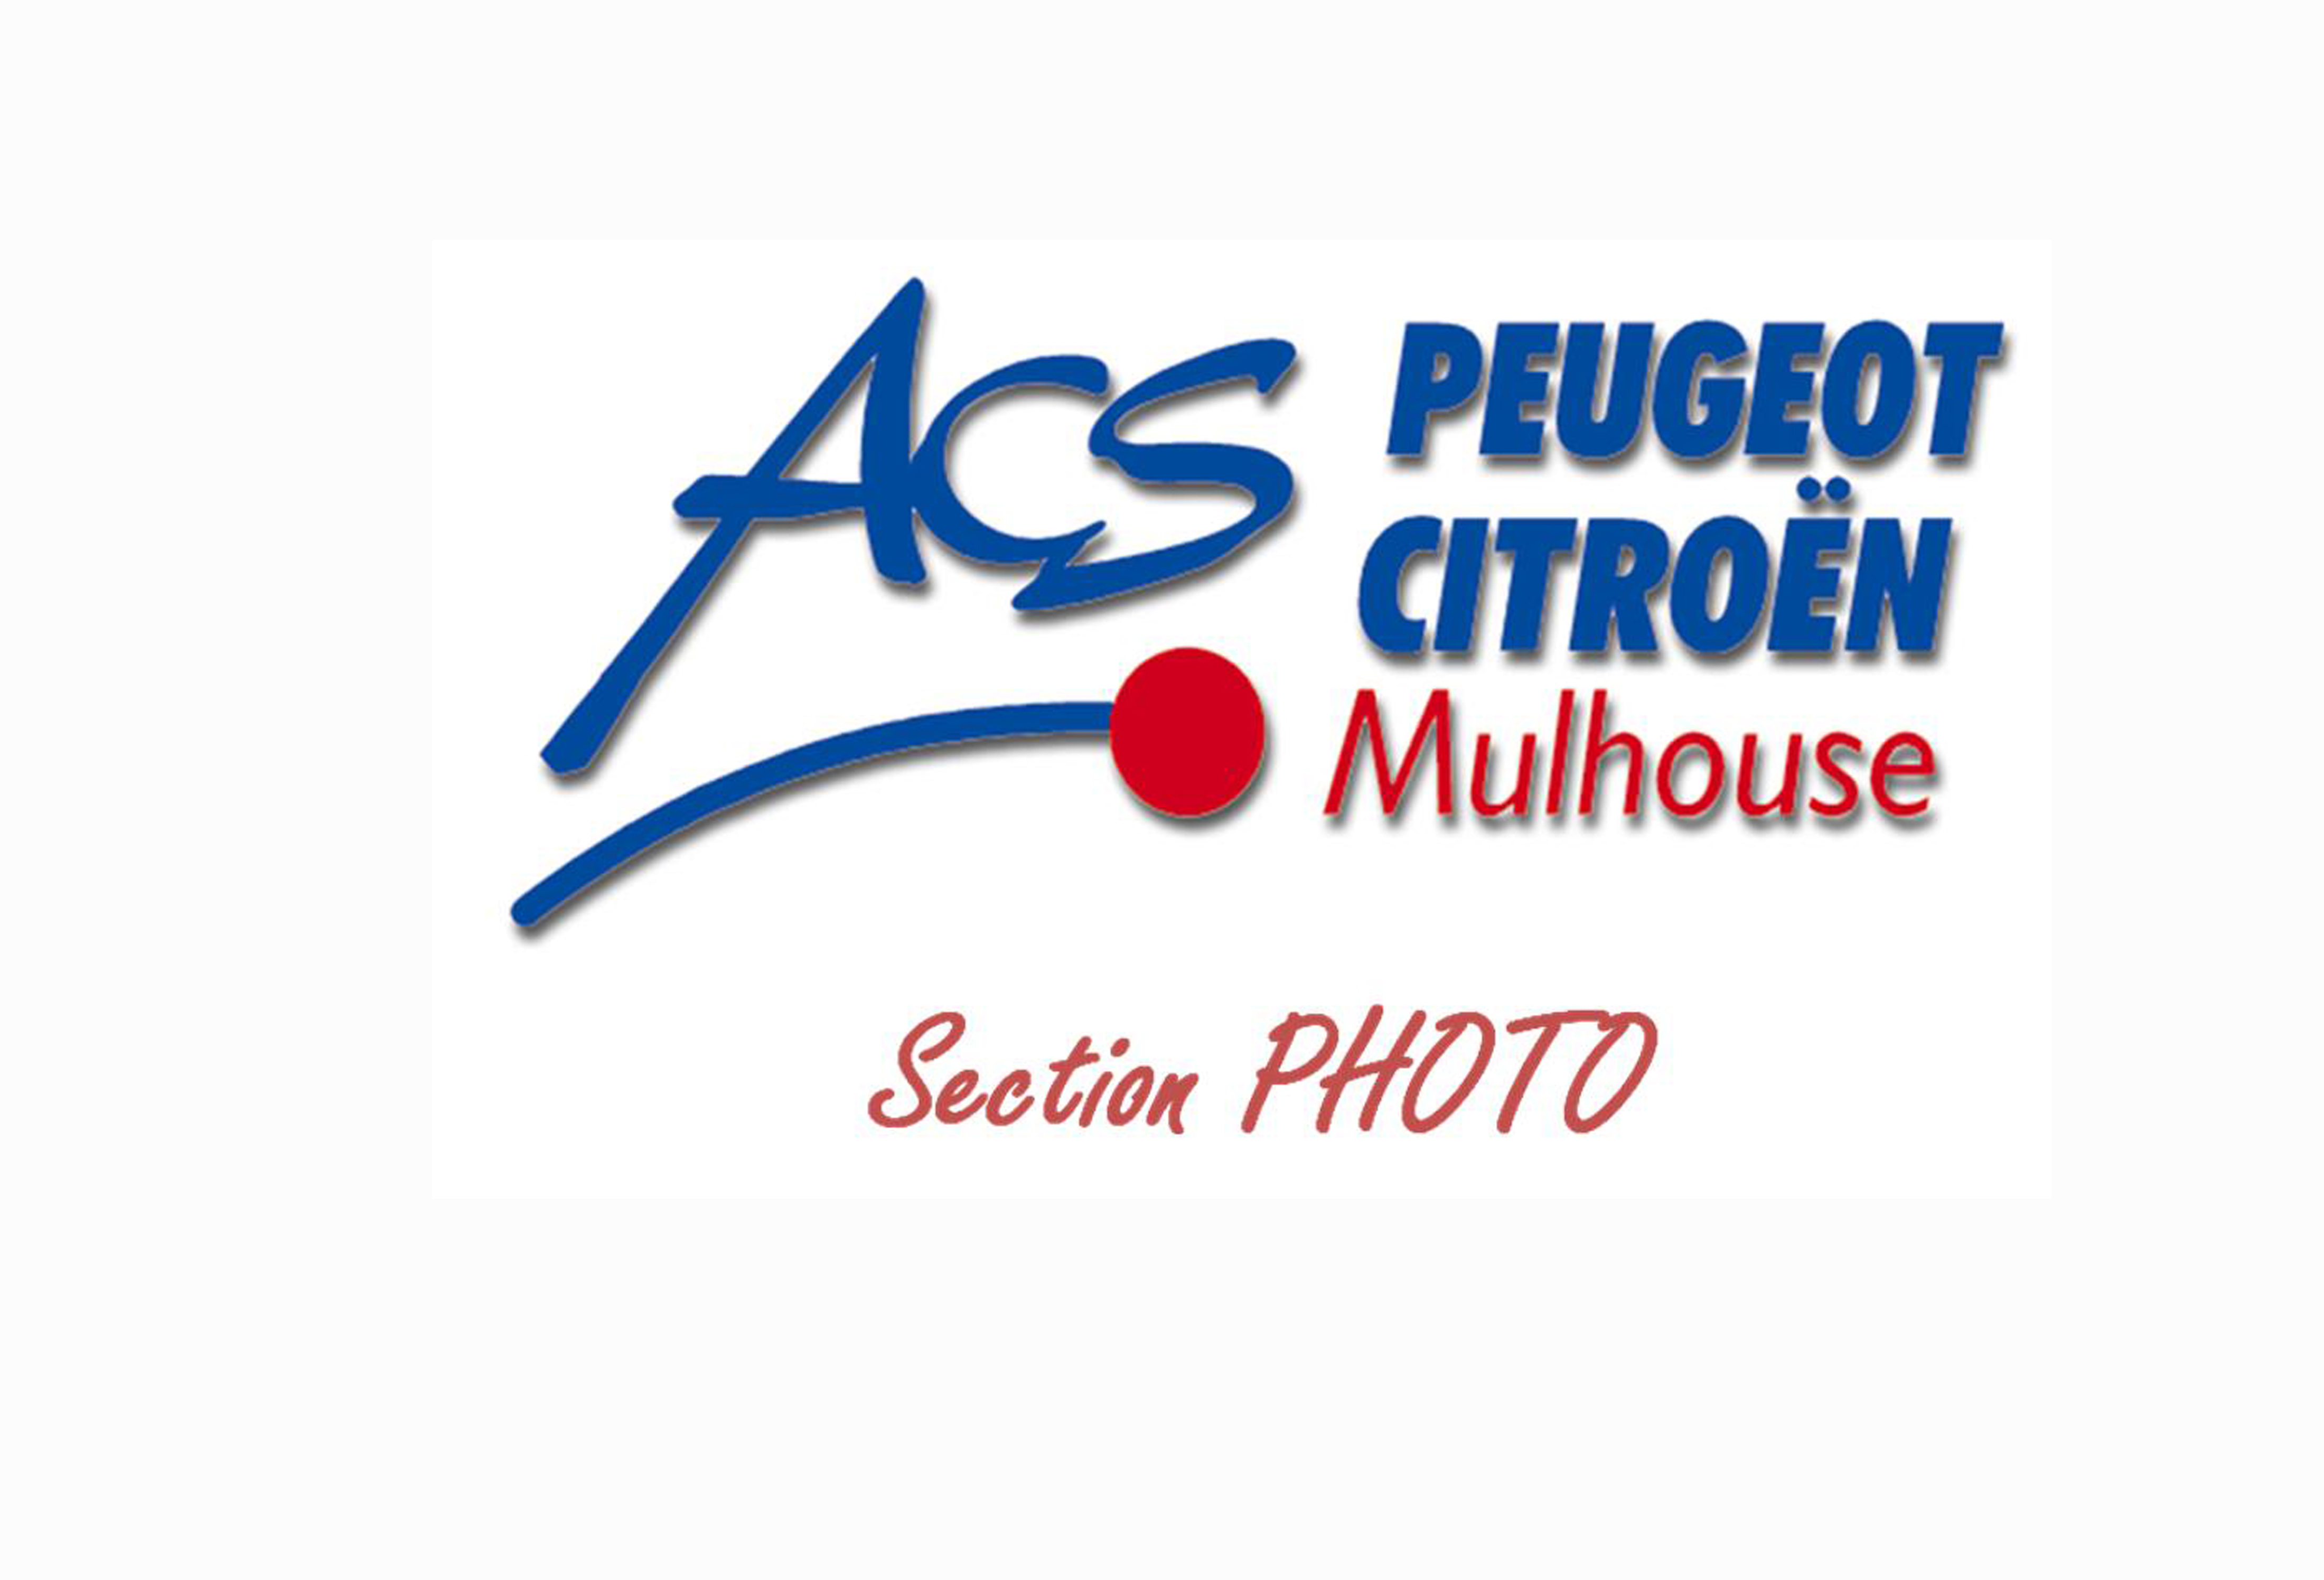 A.C.S Peugeot Citroën Mulhouse